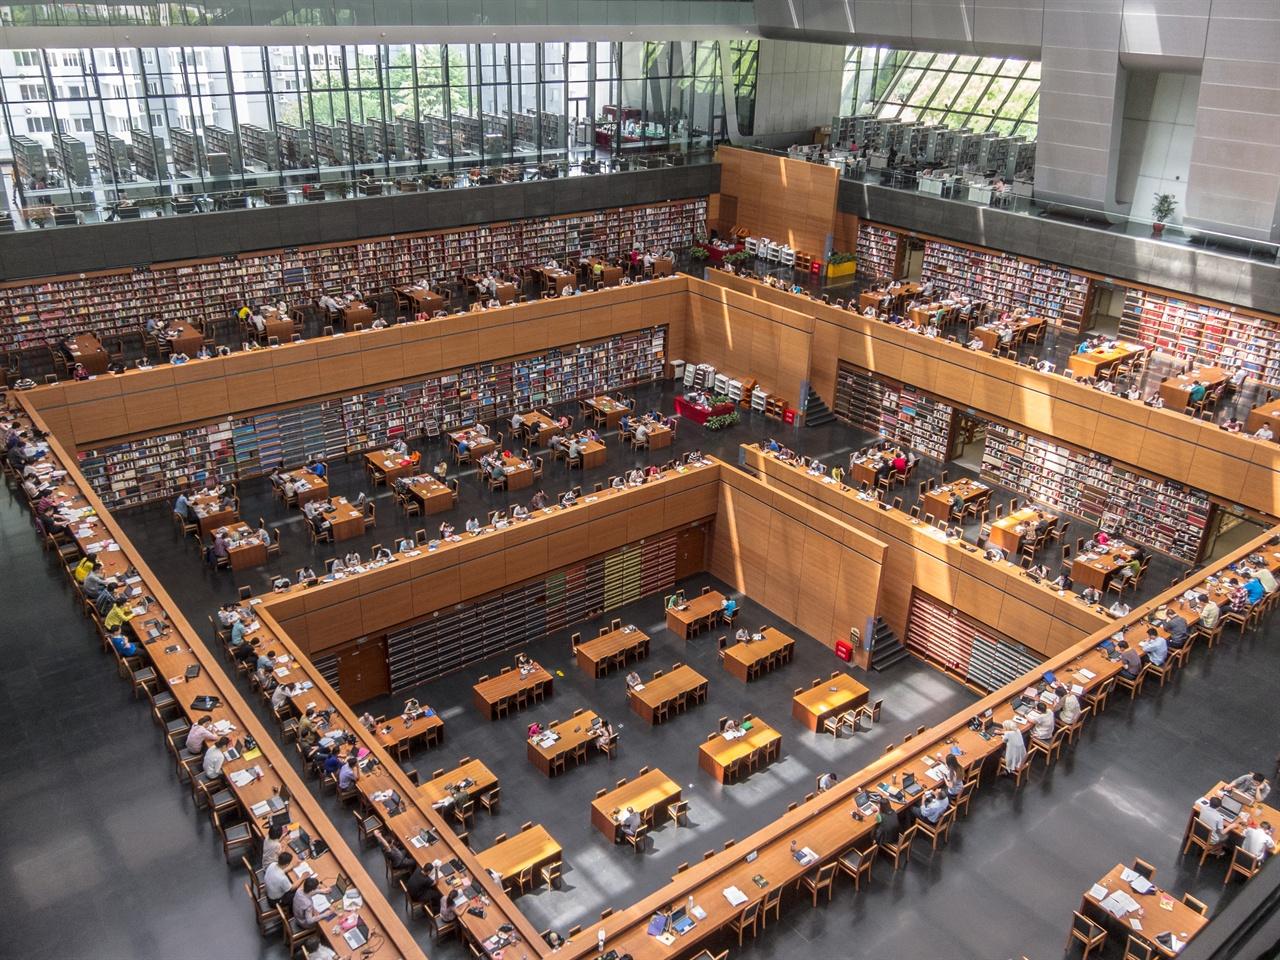 중국국가도서관 베이징에 있는 중국국가도서관(National Library of China) 신관 중앙홀 모습이다. 1909년 9월 9일 '경사도서관'이라는 이름으로 설립된 중국국가도서관은 110년의 역사를 자랑한다. 미국 최대 도서관인 의회도서관(Library of Congress)을 LC라고 부르는 것처럼 중국국가도서관도 약칭으로 NLC라고 불린다.